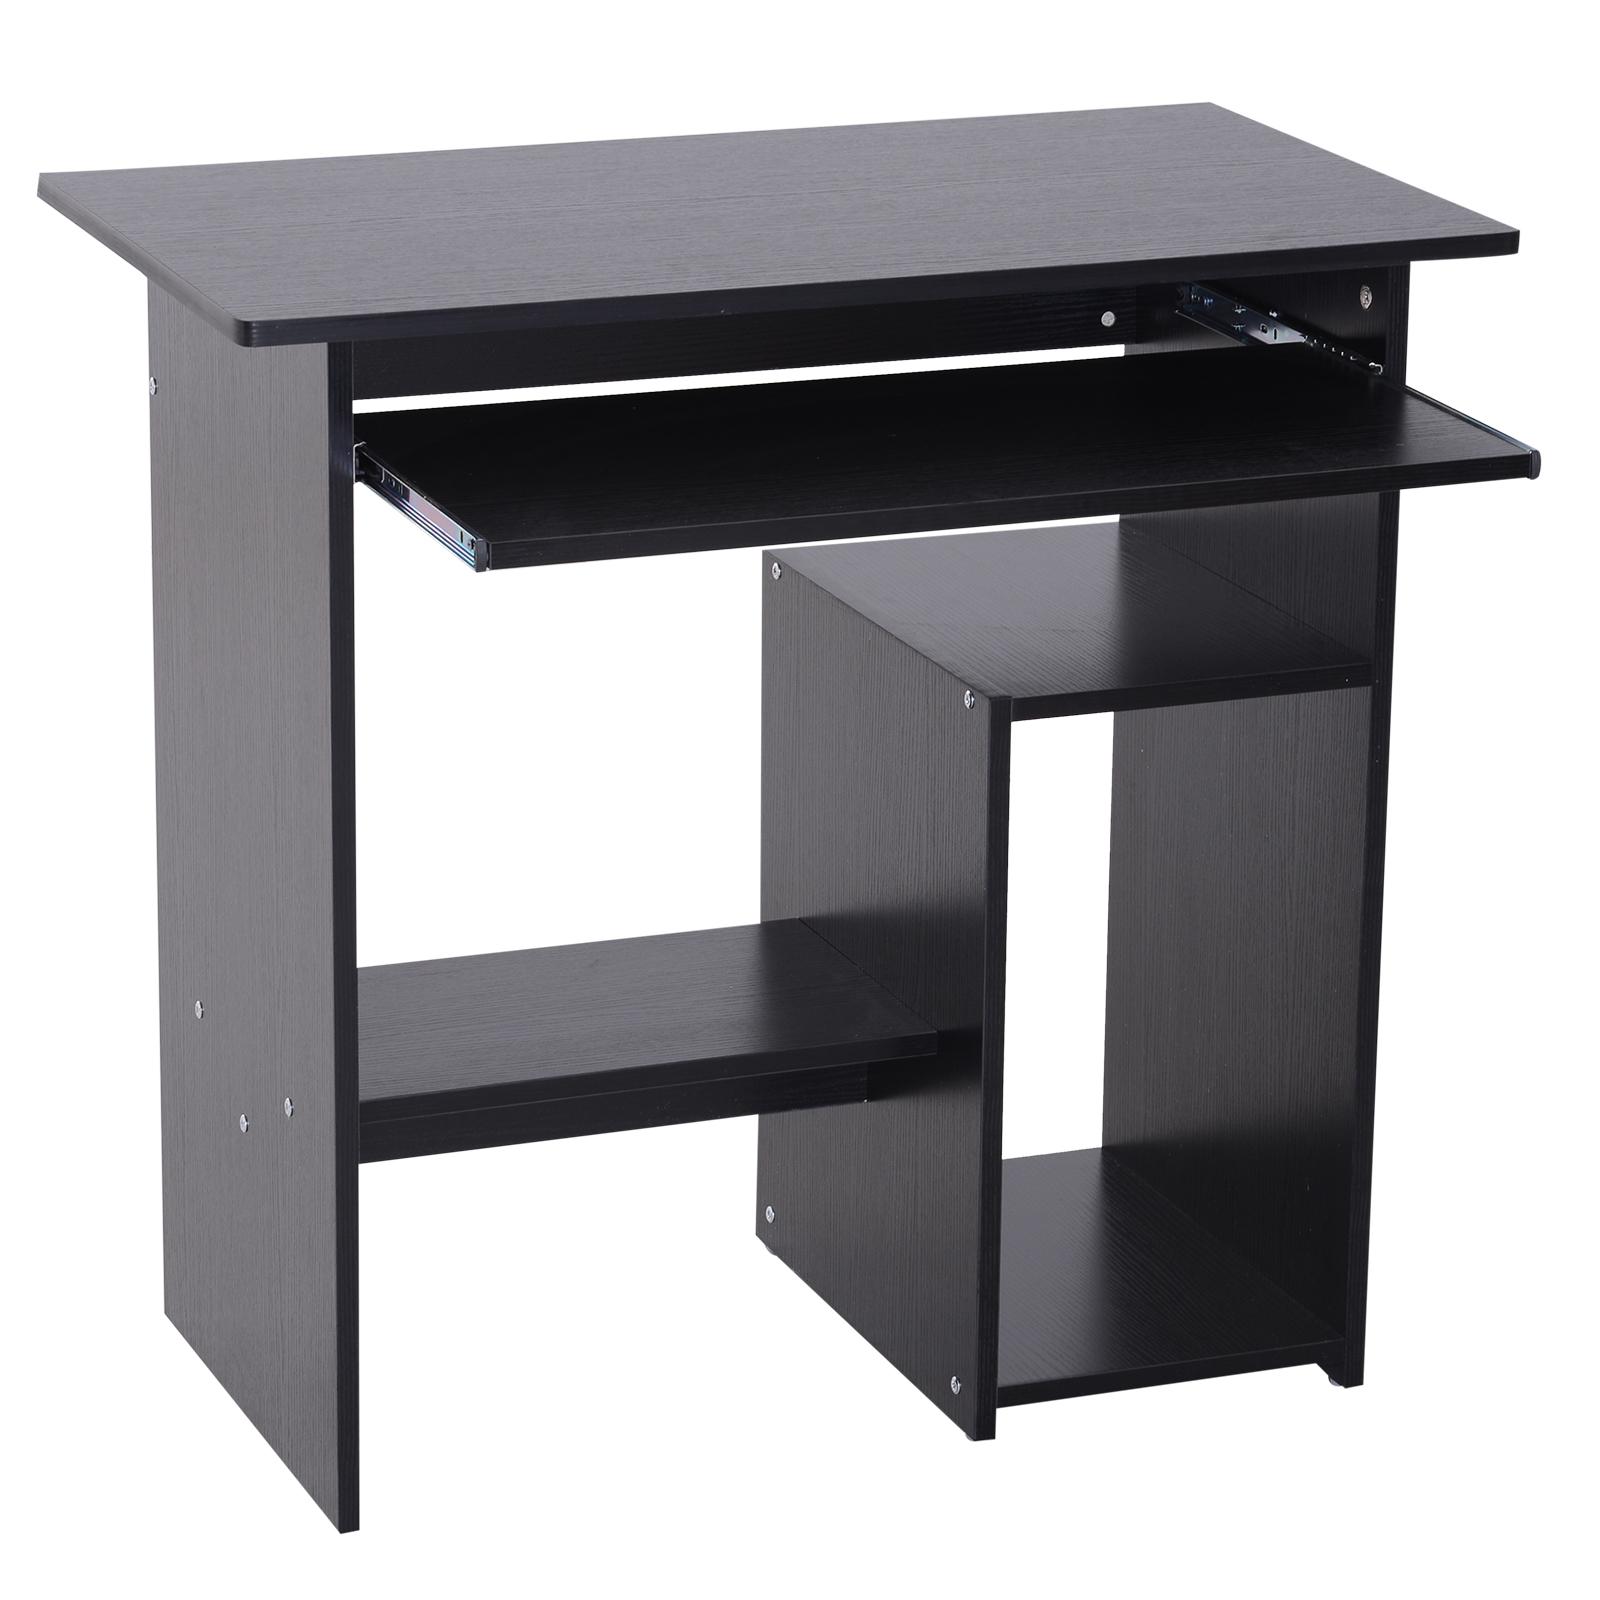 Indexbild 14 - HOMCOM Computertisch Schreibtisch Bürotisch Gamingtisch PC-Tisch Weiß/Schwarz